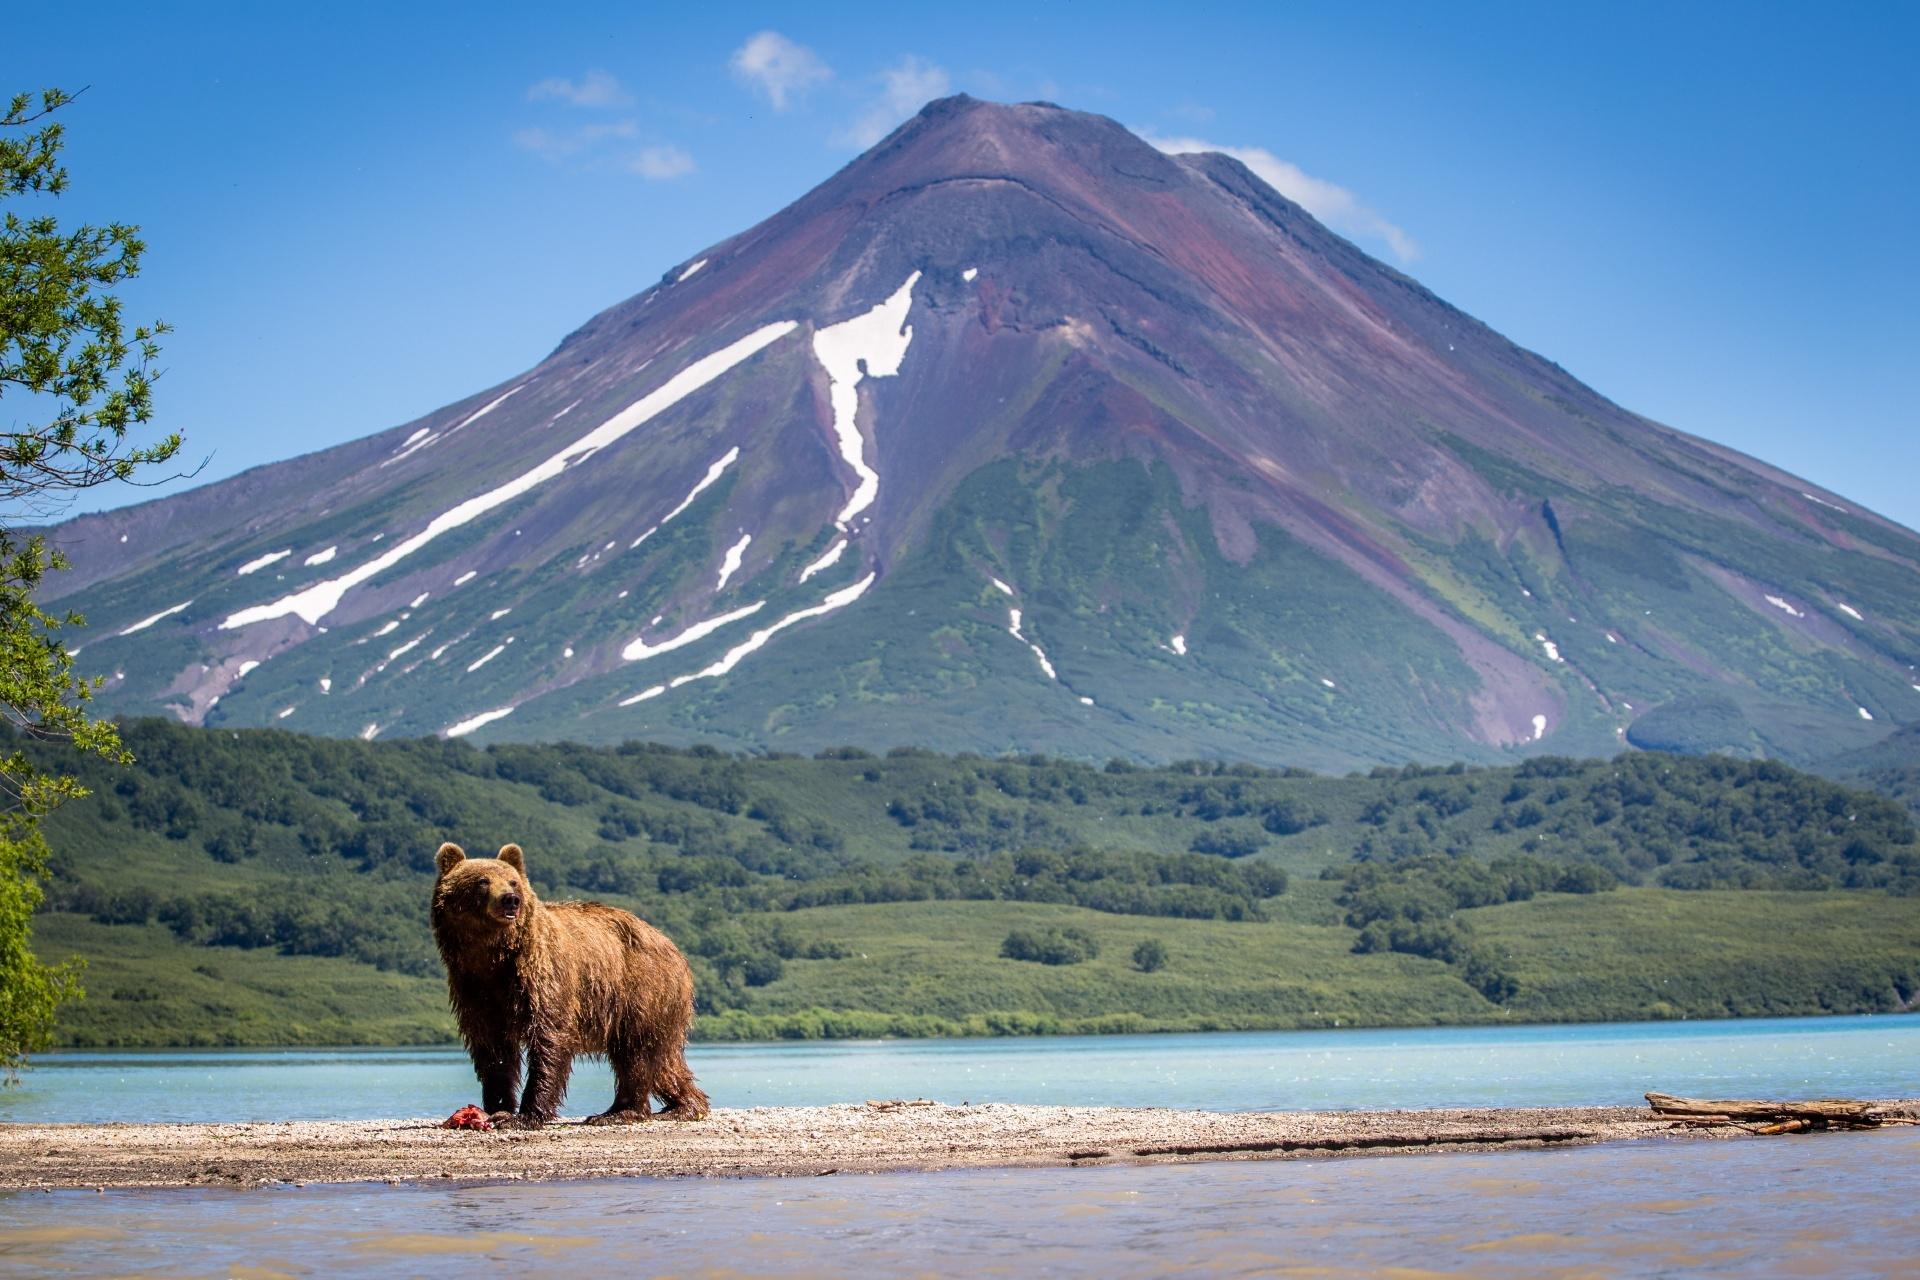 ヒグマのいる風景 カムチャッカ ロシアの風景